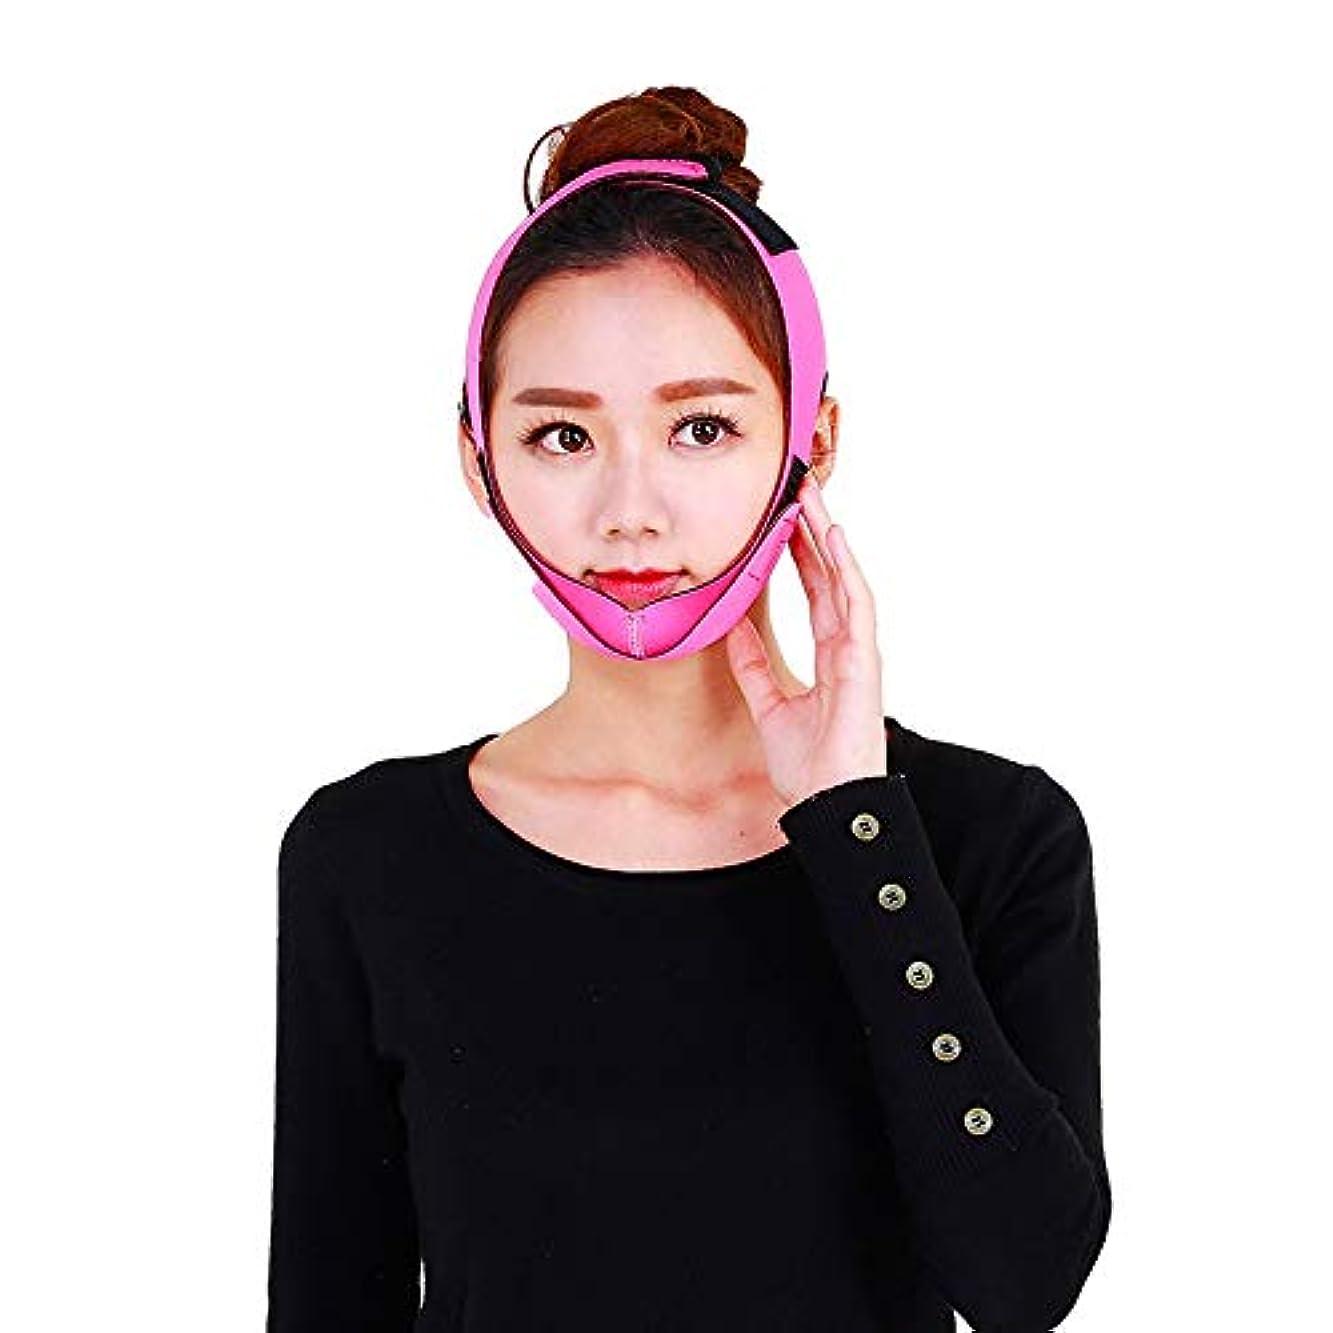 孤独な運動するカストディアンGYZ 顔の持ち上がる痩身ベルト - 薄い顔包帯二重あごのデバイス無料の顔のマッサージ整形マスクが顔と首を締めます Thin Face Belt